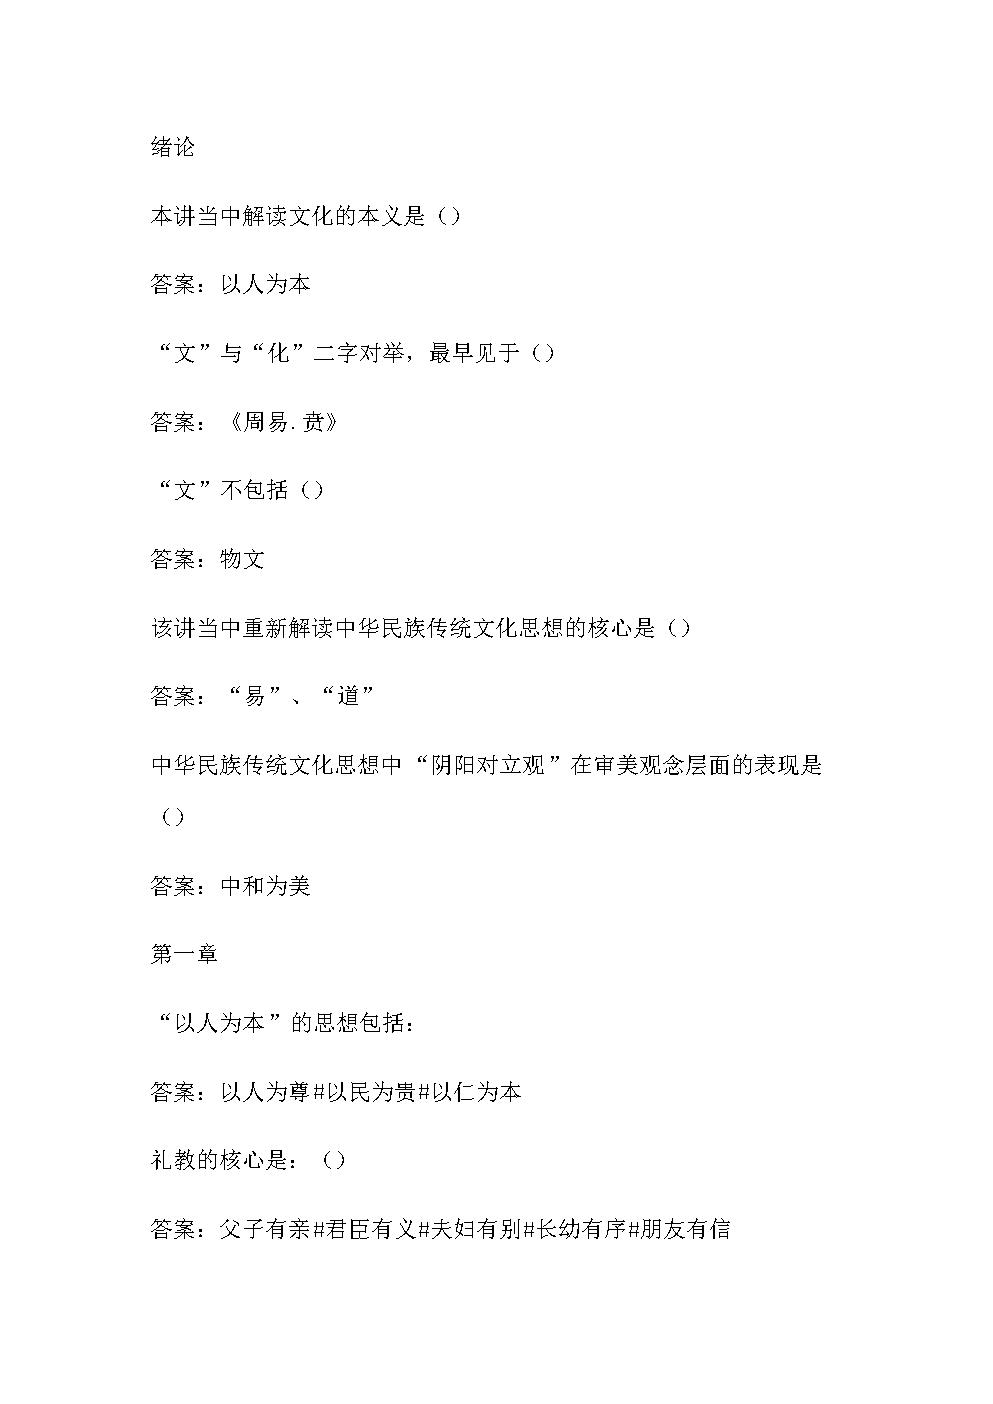 2019中國傳統文化章節測試+答案.docx